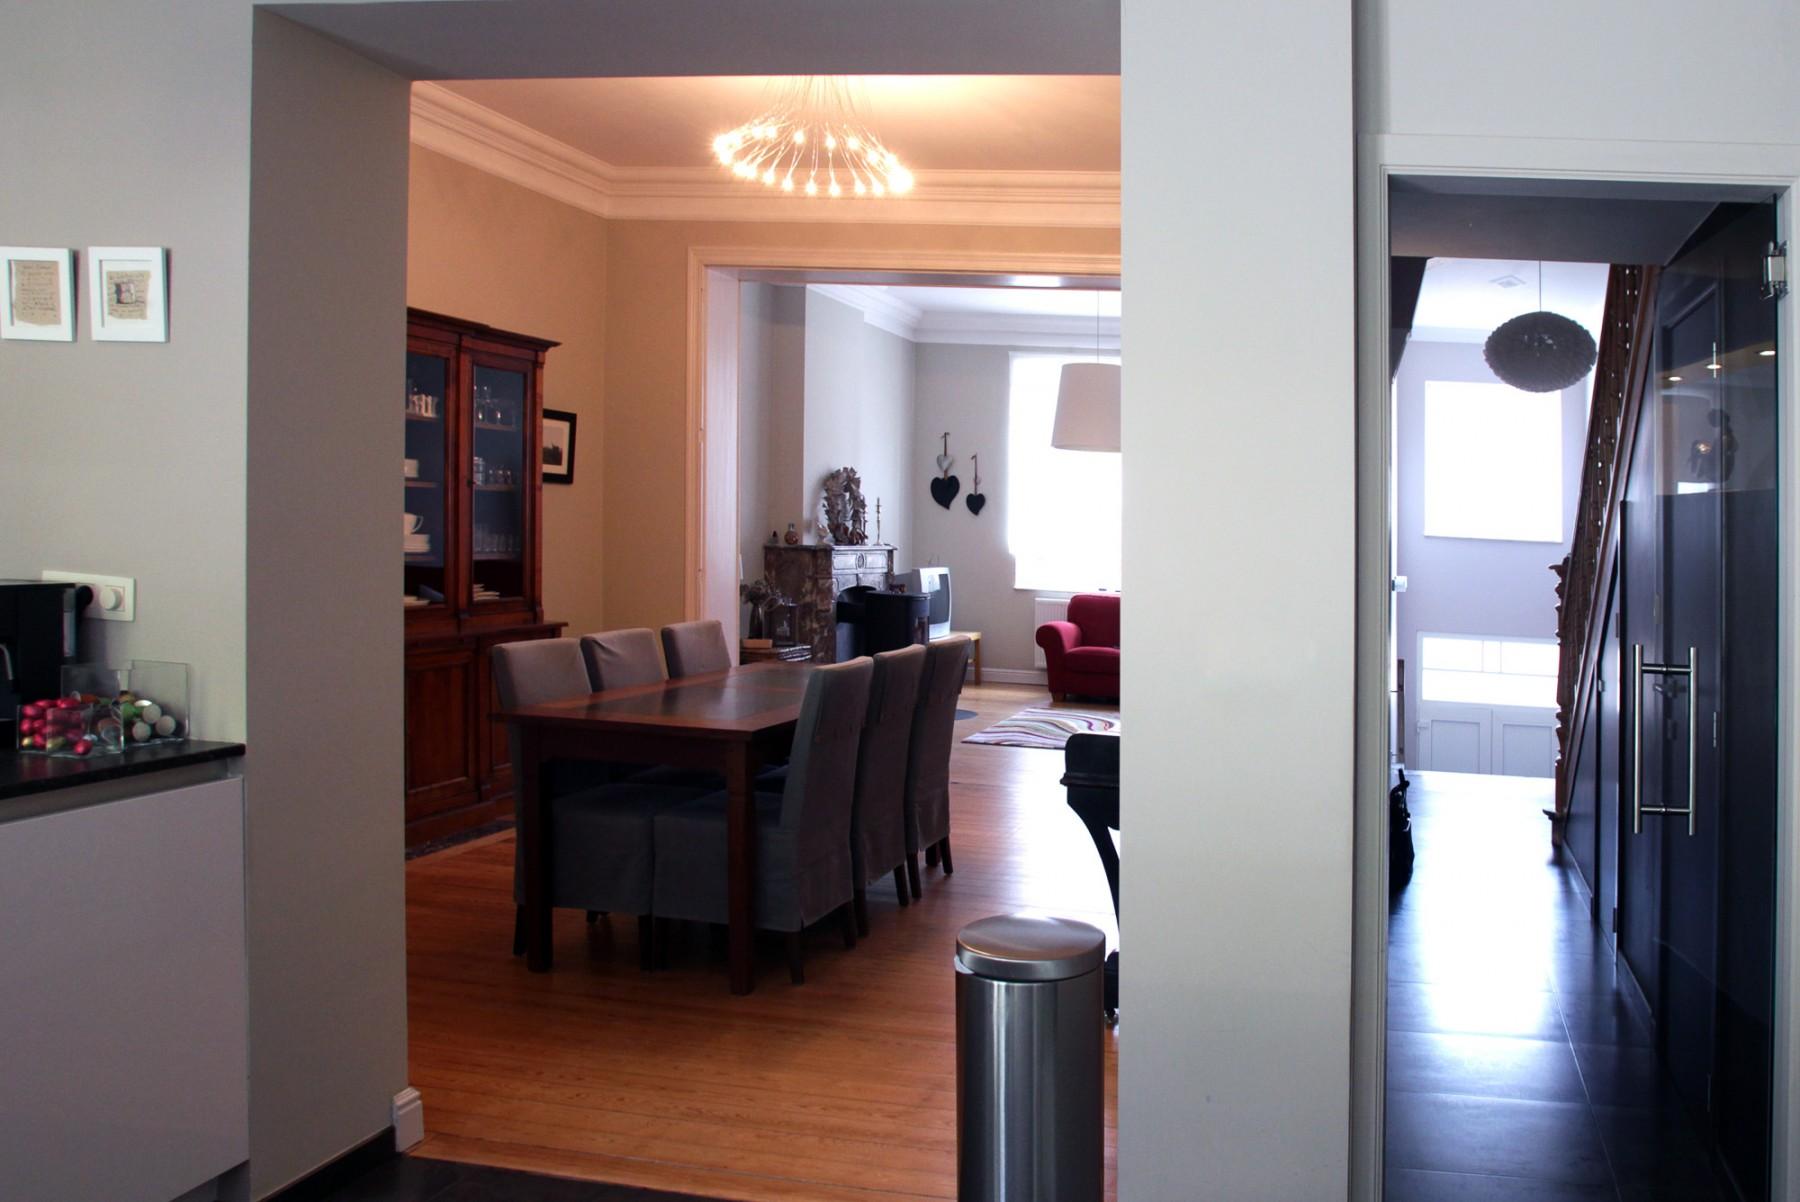 merni 008. Black Bedroom Furniture Sets. Home Design Ideas